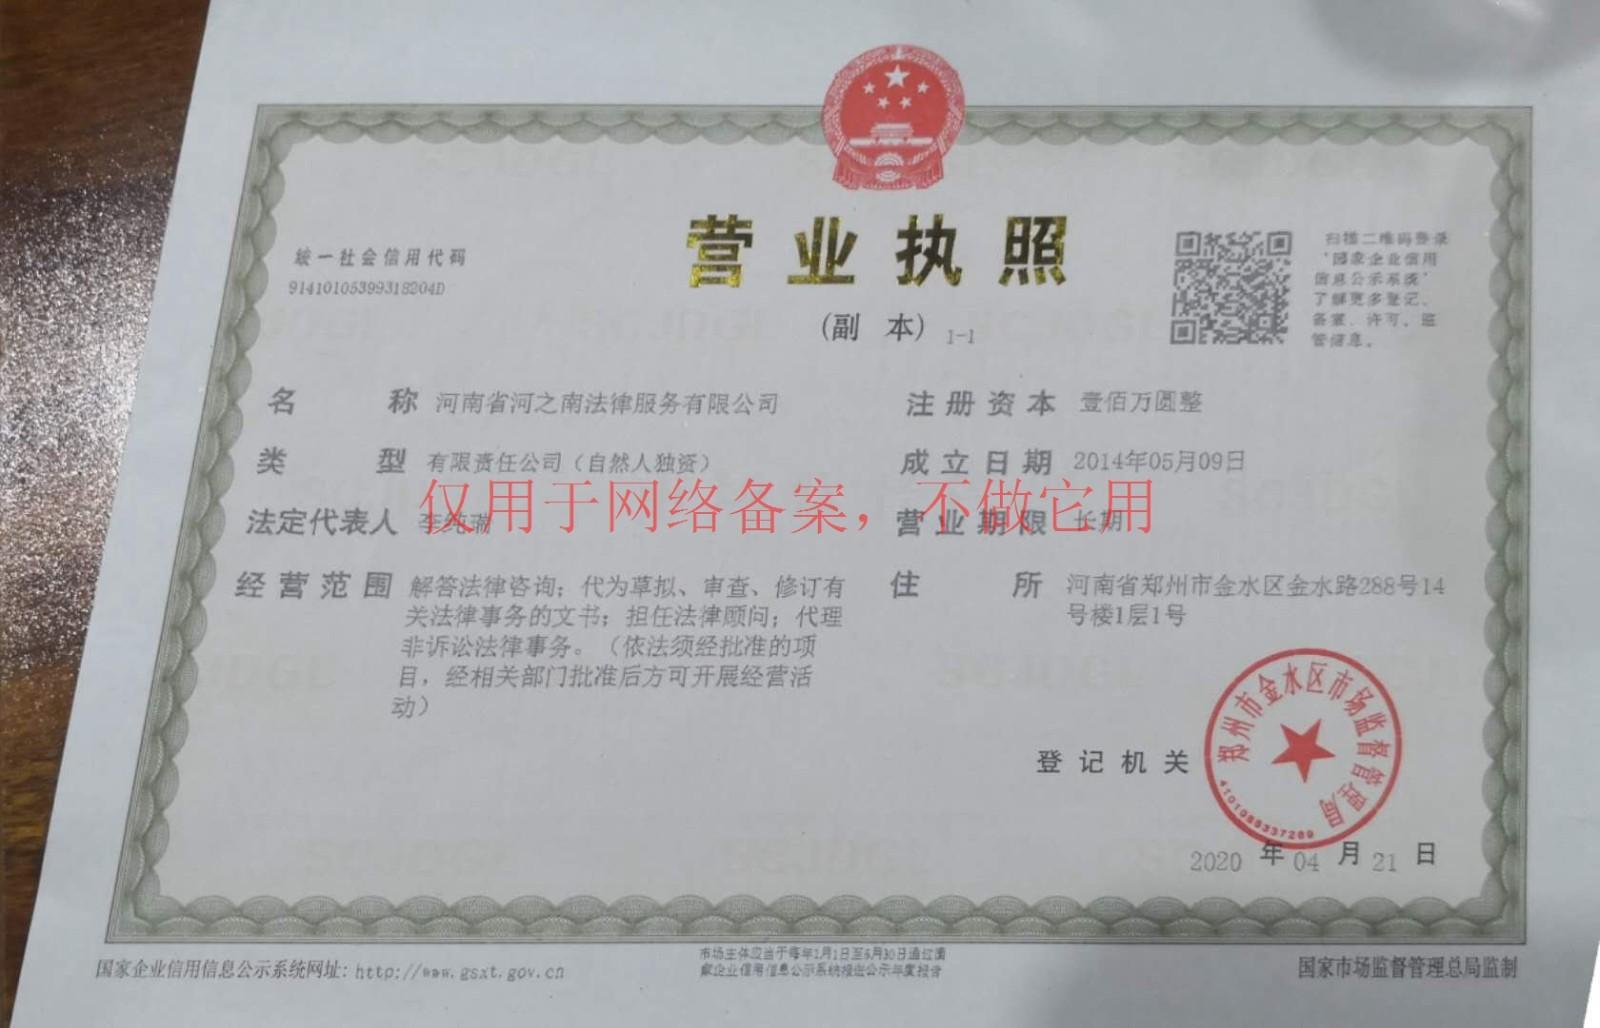 郑州律师事务所简介